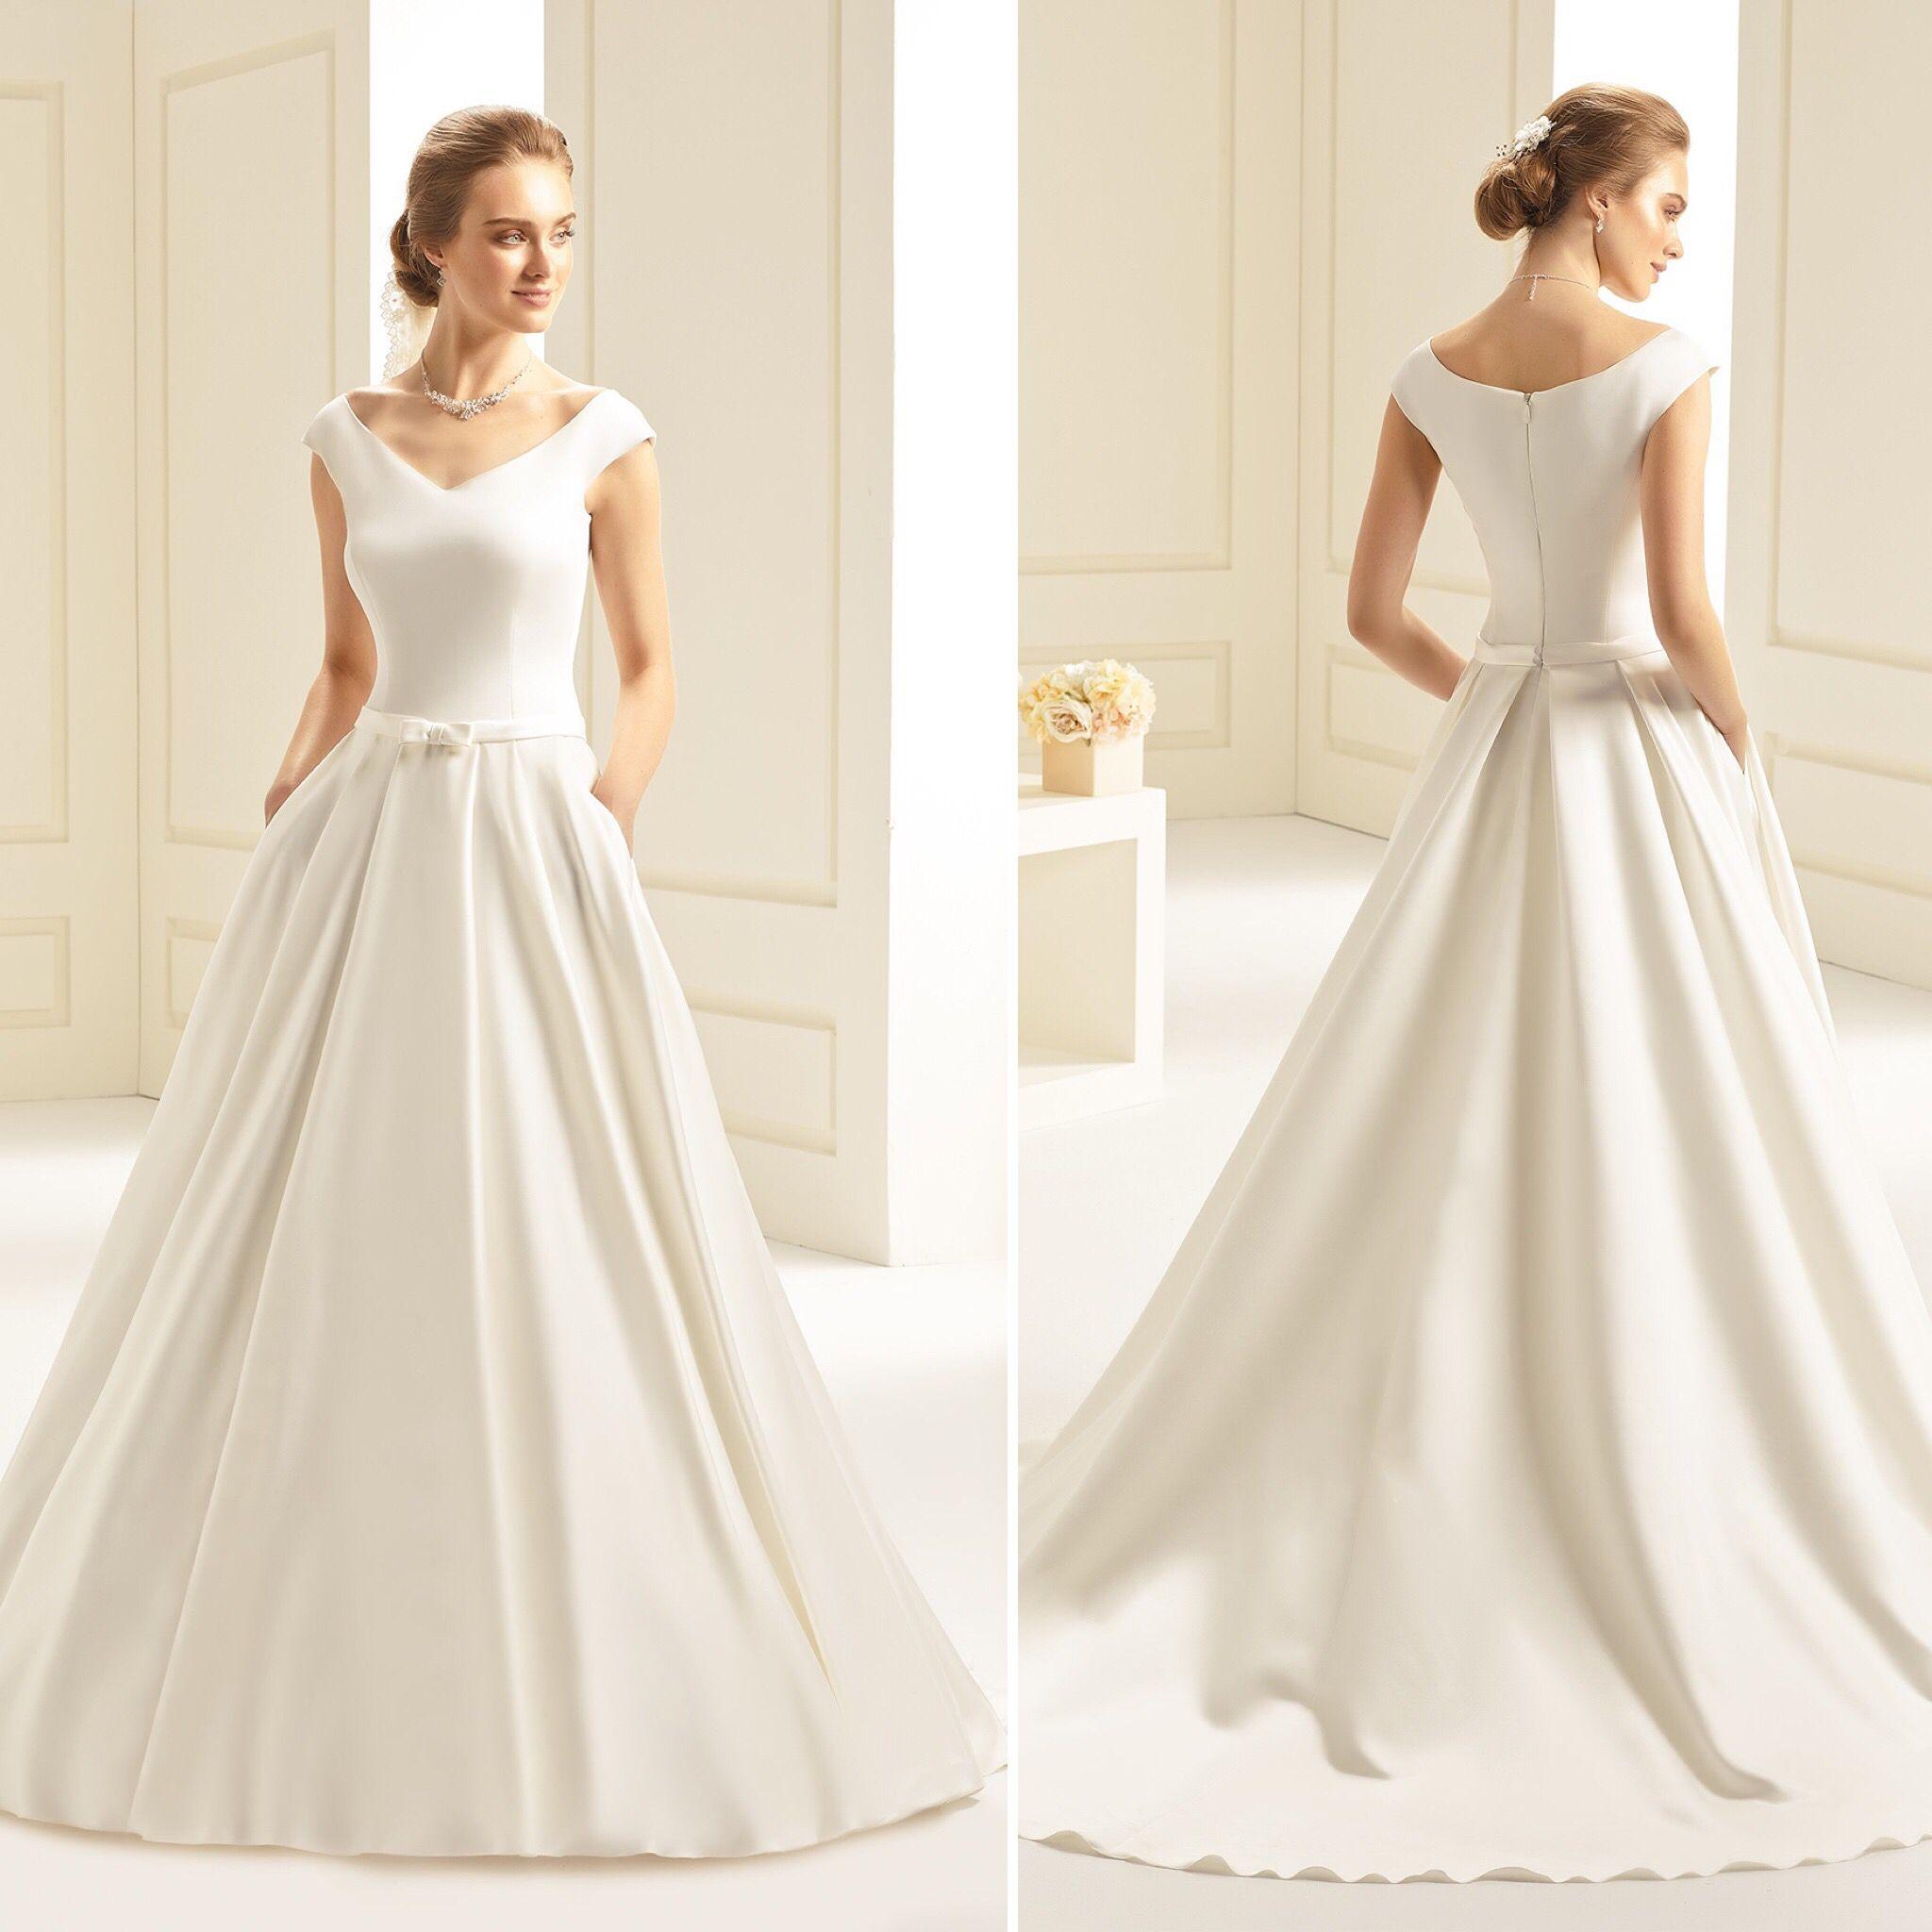 Brautkleid Aus Mikado Kleid Hochzeit Braut Brautkleid